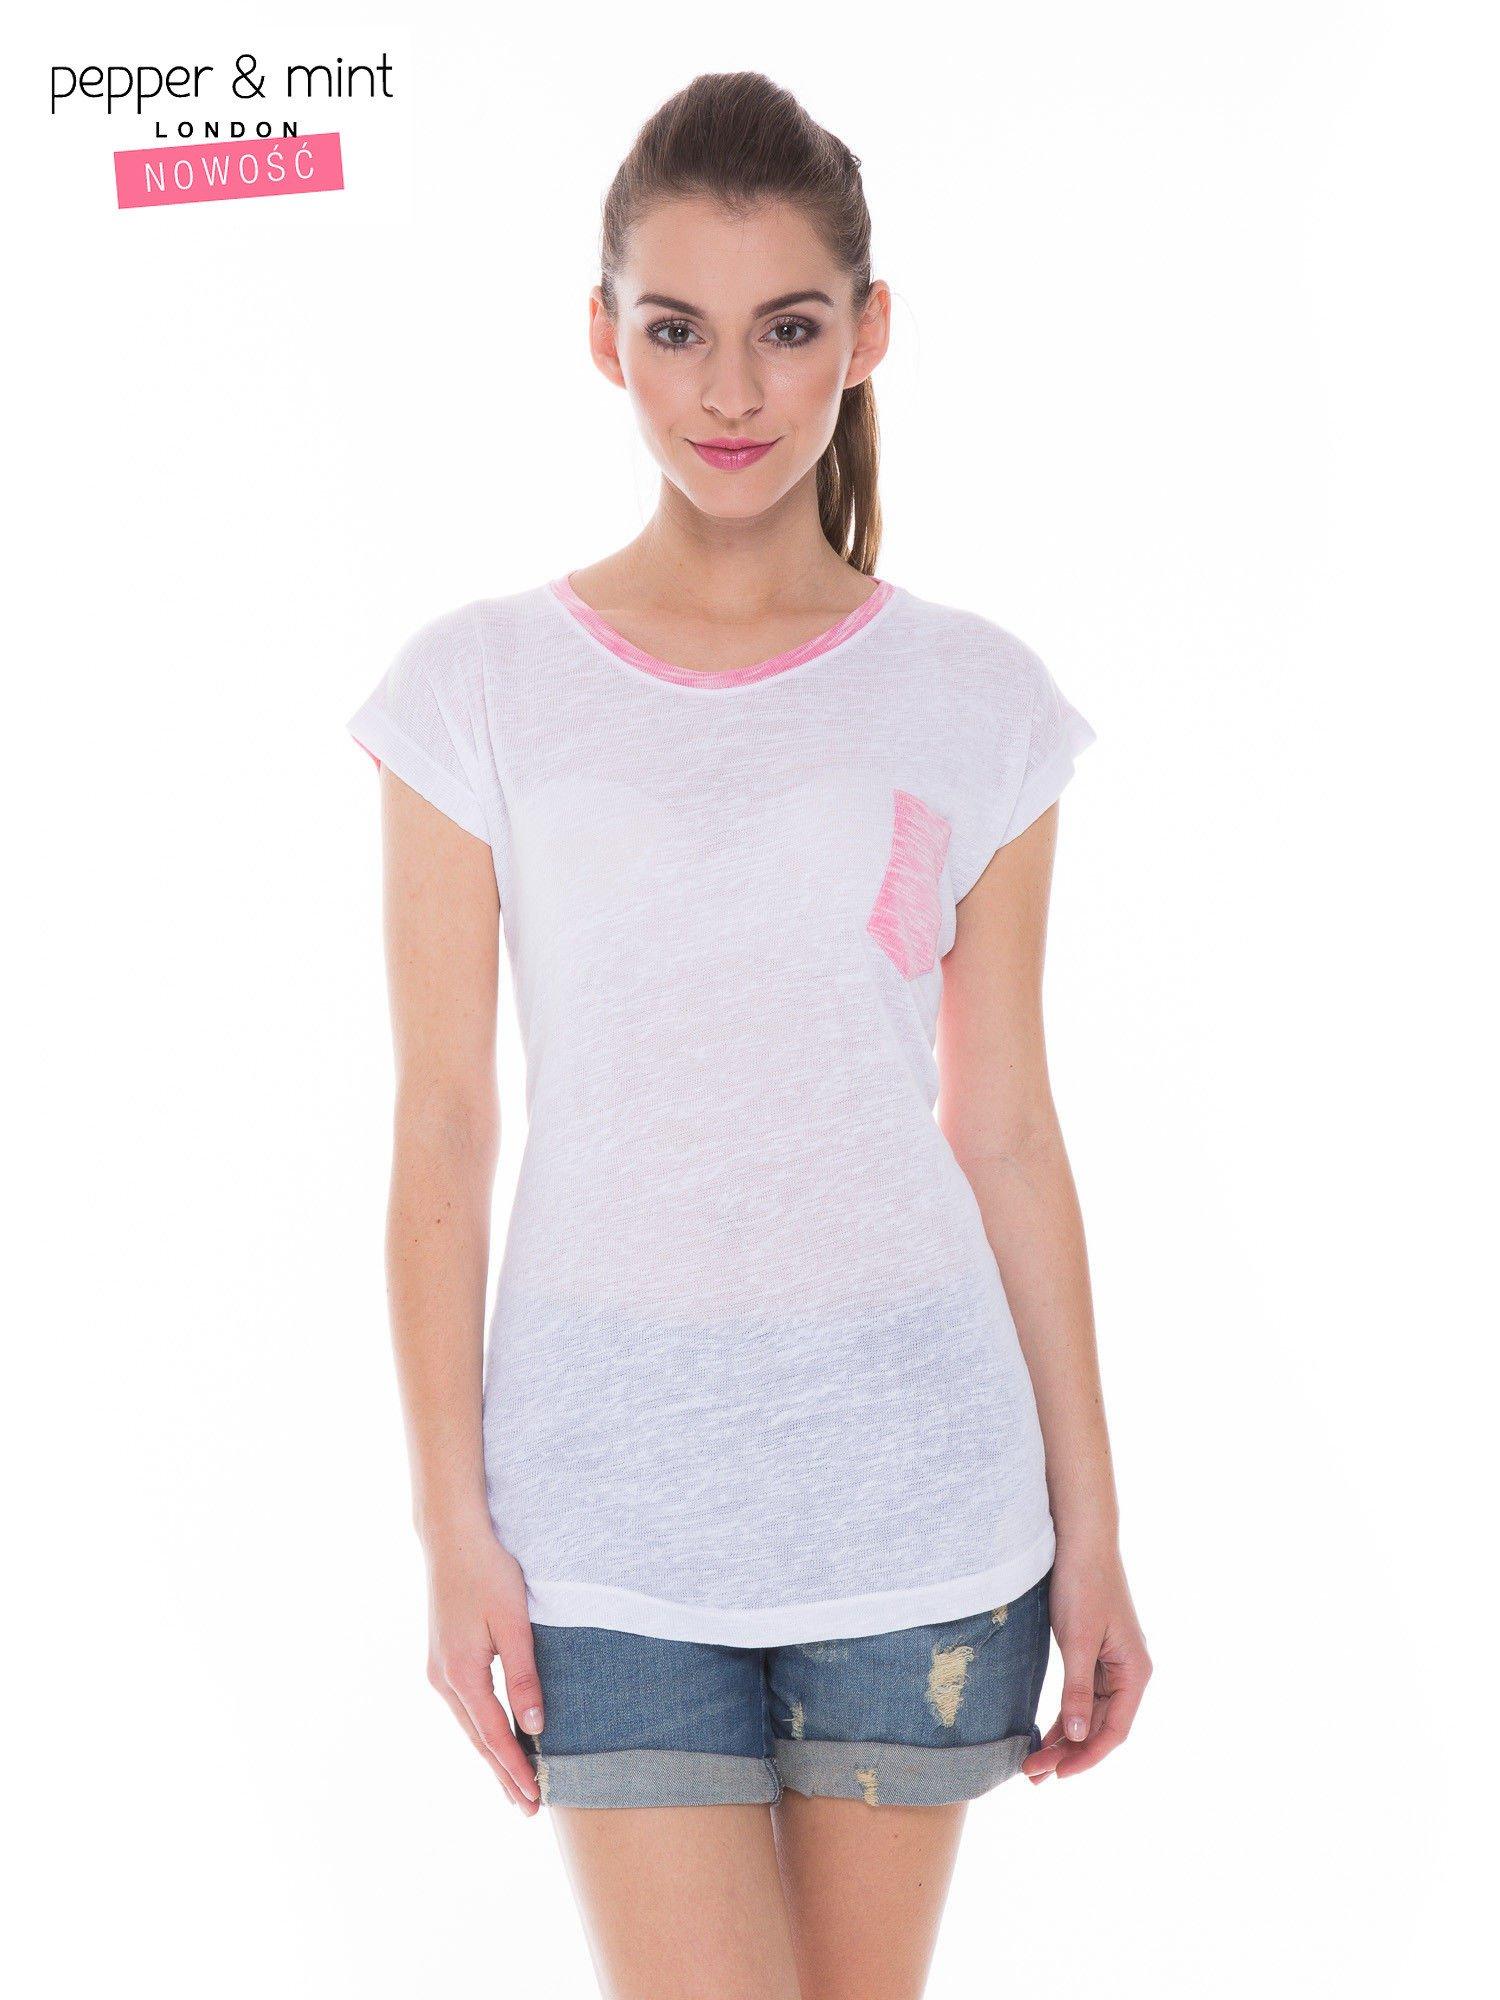 Biały t-shirt z wydłużanym tyłem w kolorze fuksji                                  zdj.                                  1